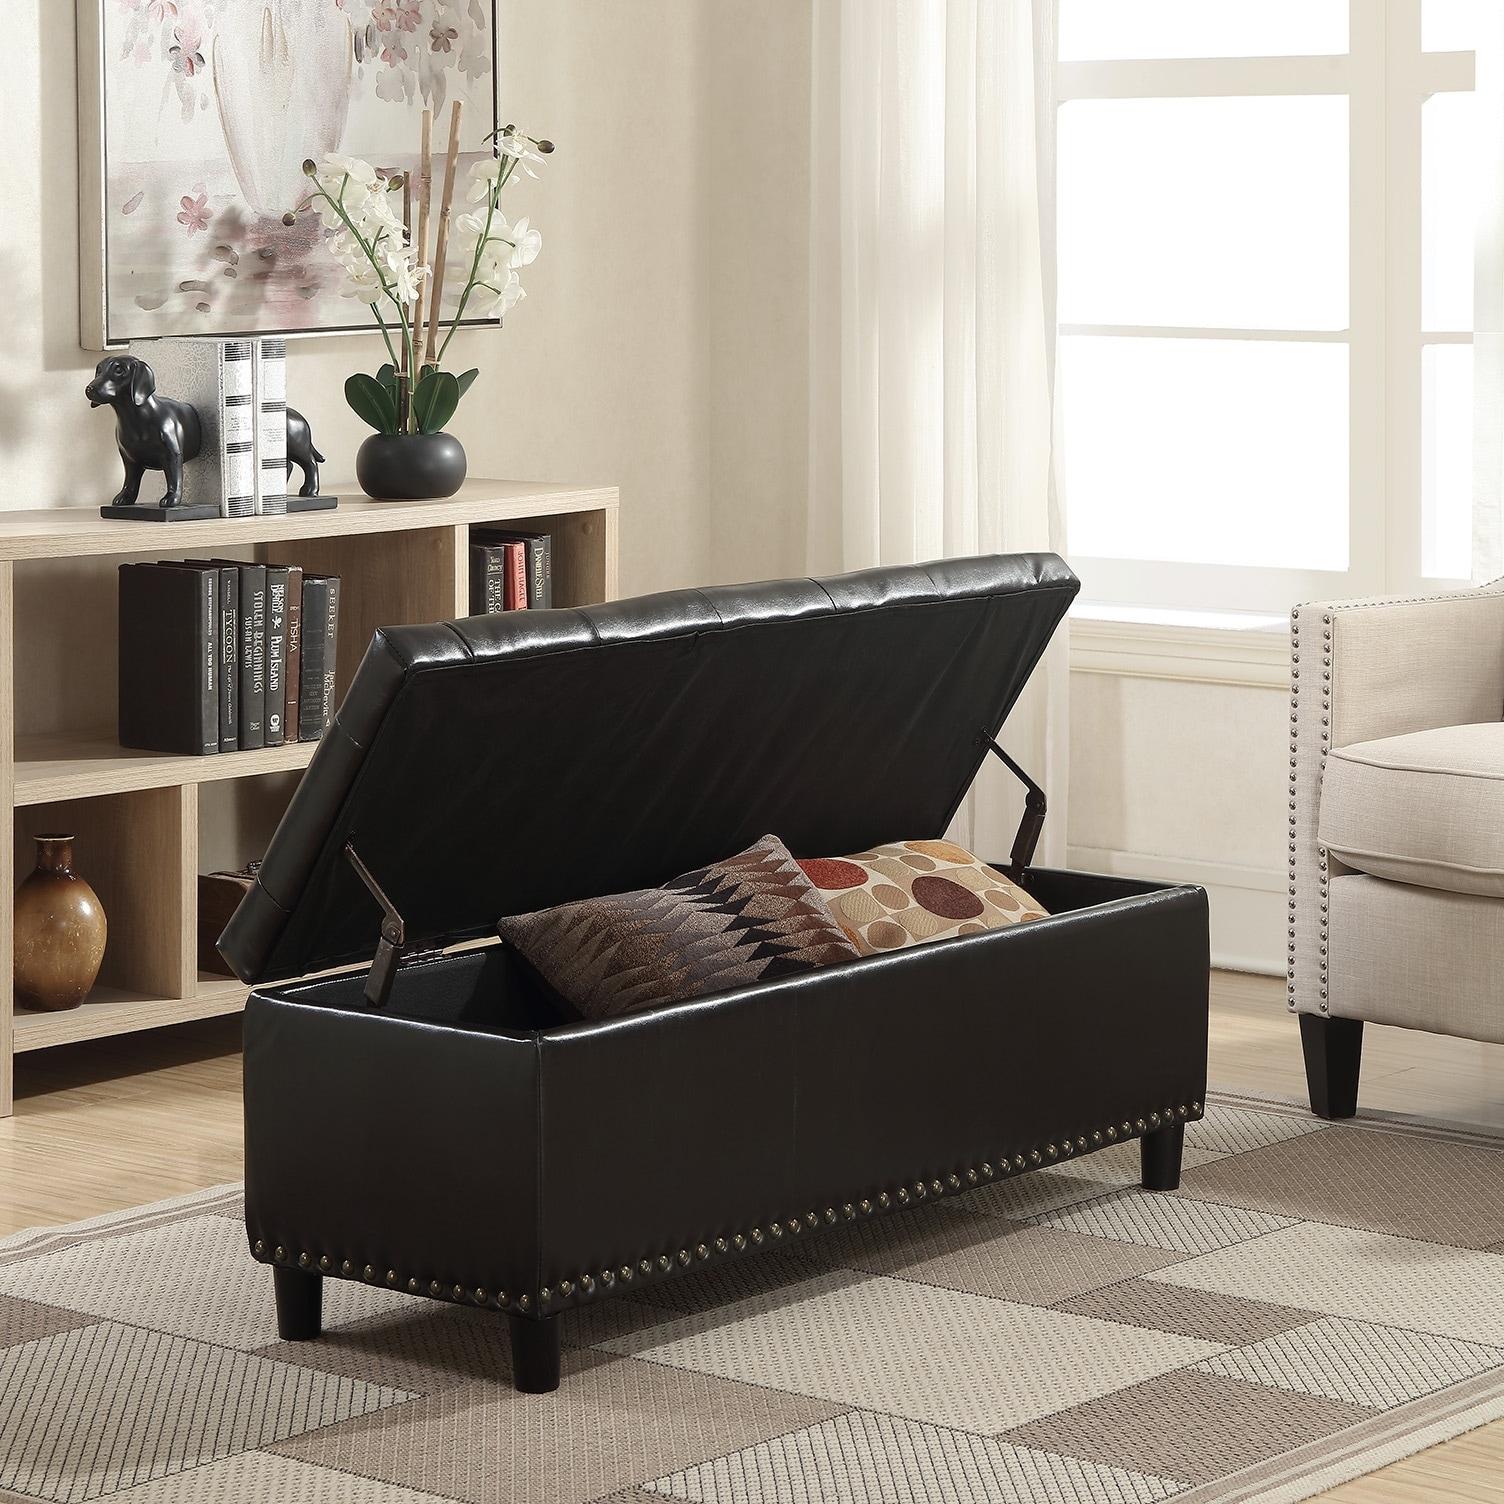 Strange Belleze 48 Rectangular Faux Leather Storage Ottoman Bench Footrest Large Dark Brown Machost Co Dining Chair Design Ideas Machostcouk